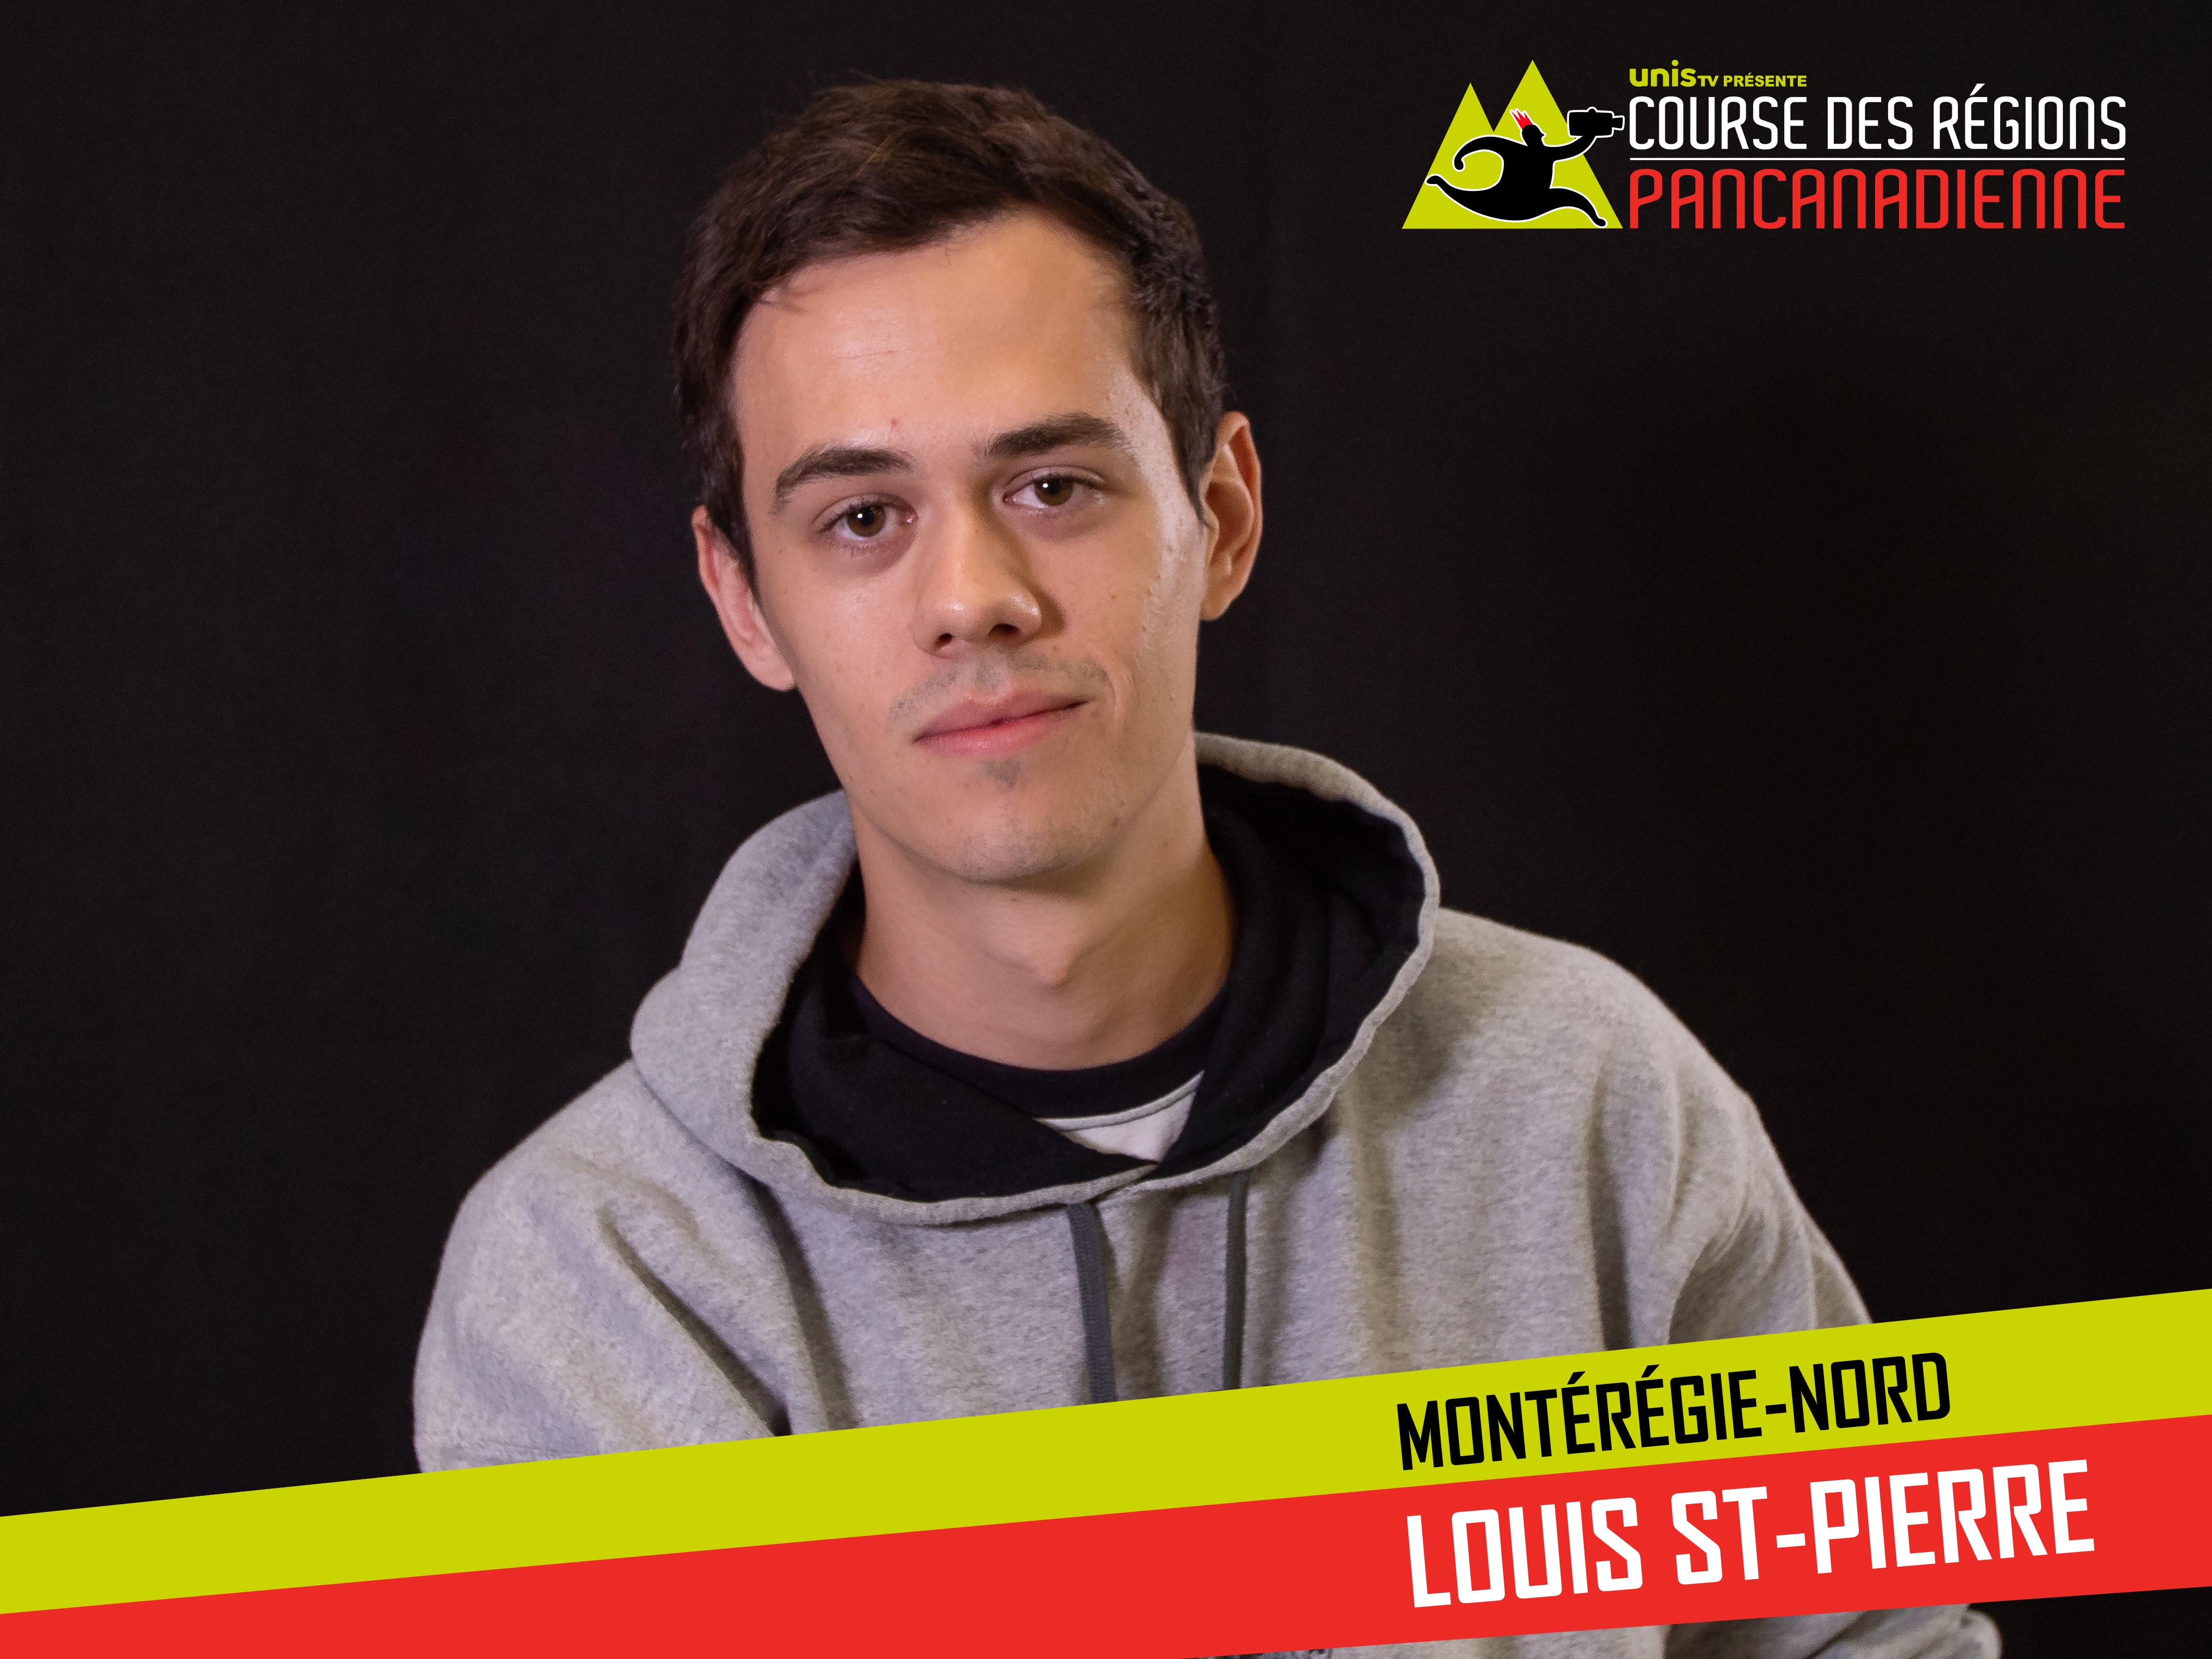 Cadrage_Photo_Officielle_Louis_St-Pierre